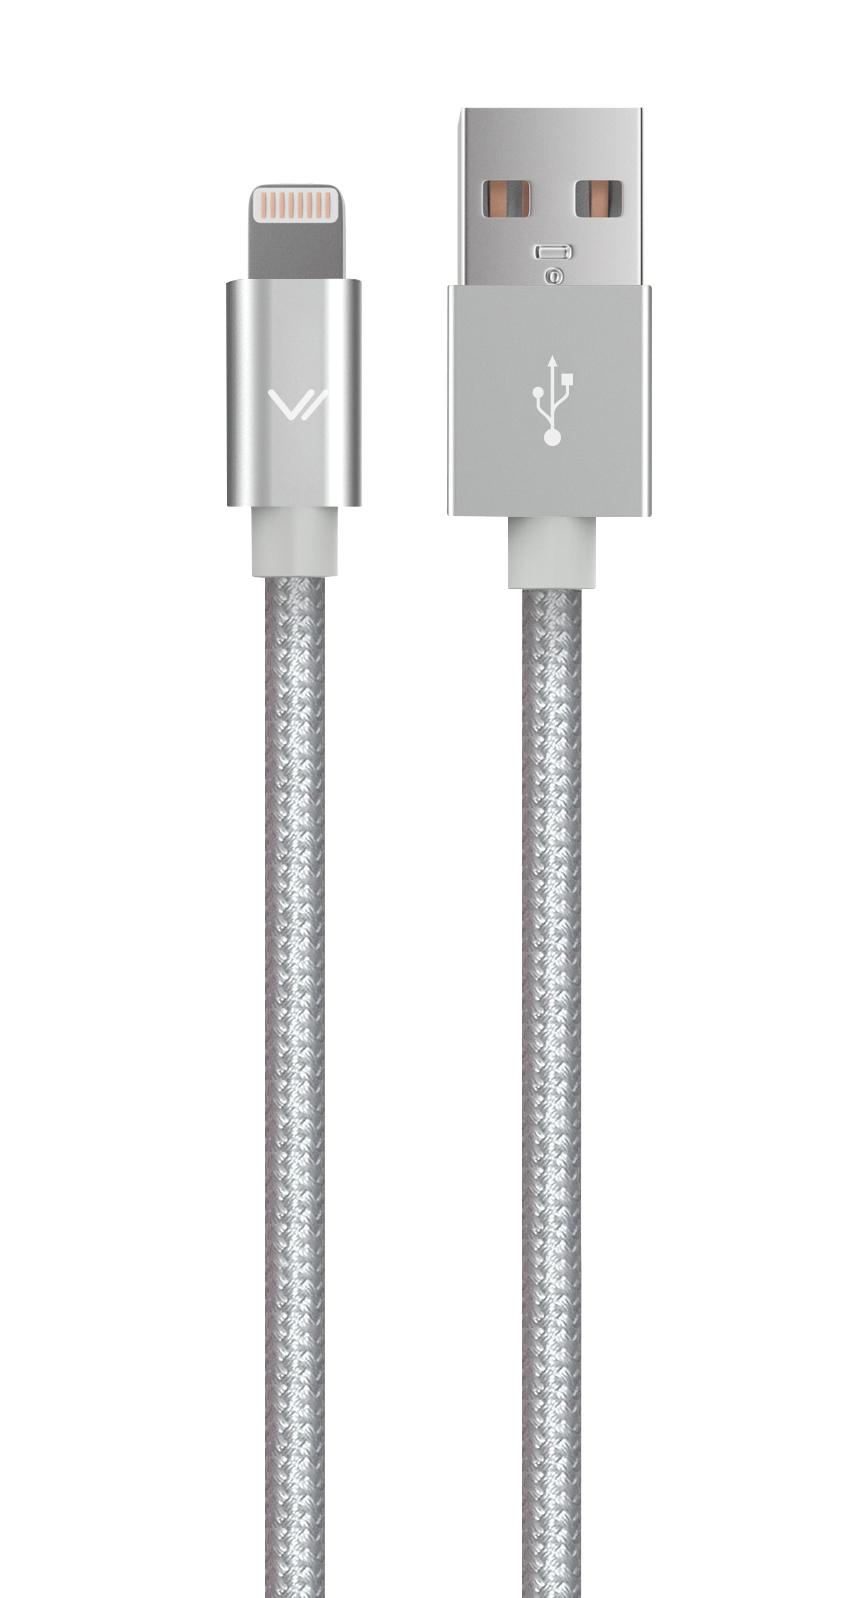 Дата-кабель Vertex для iPhone 6/6S/6Plus и iPhone5/5S/5C/SE MFI текстильный Silver iphone6 6plus